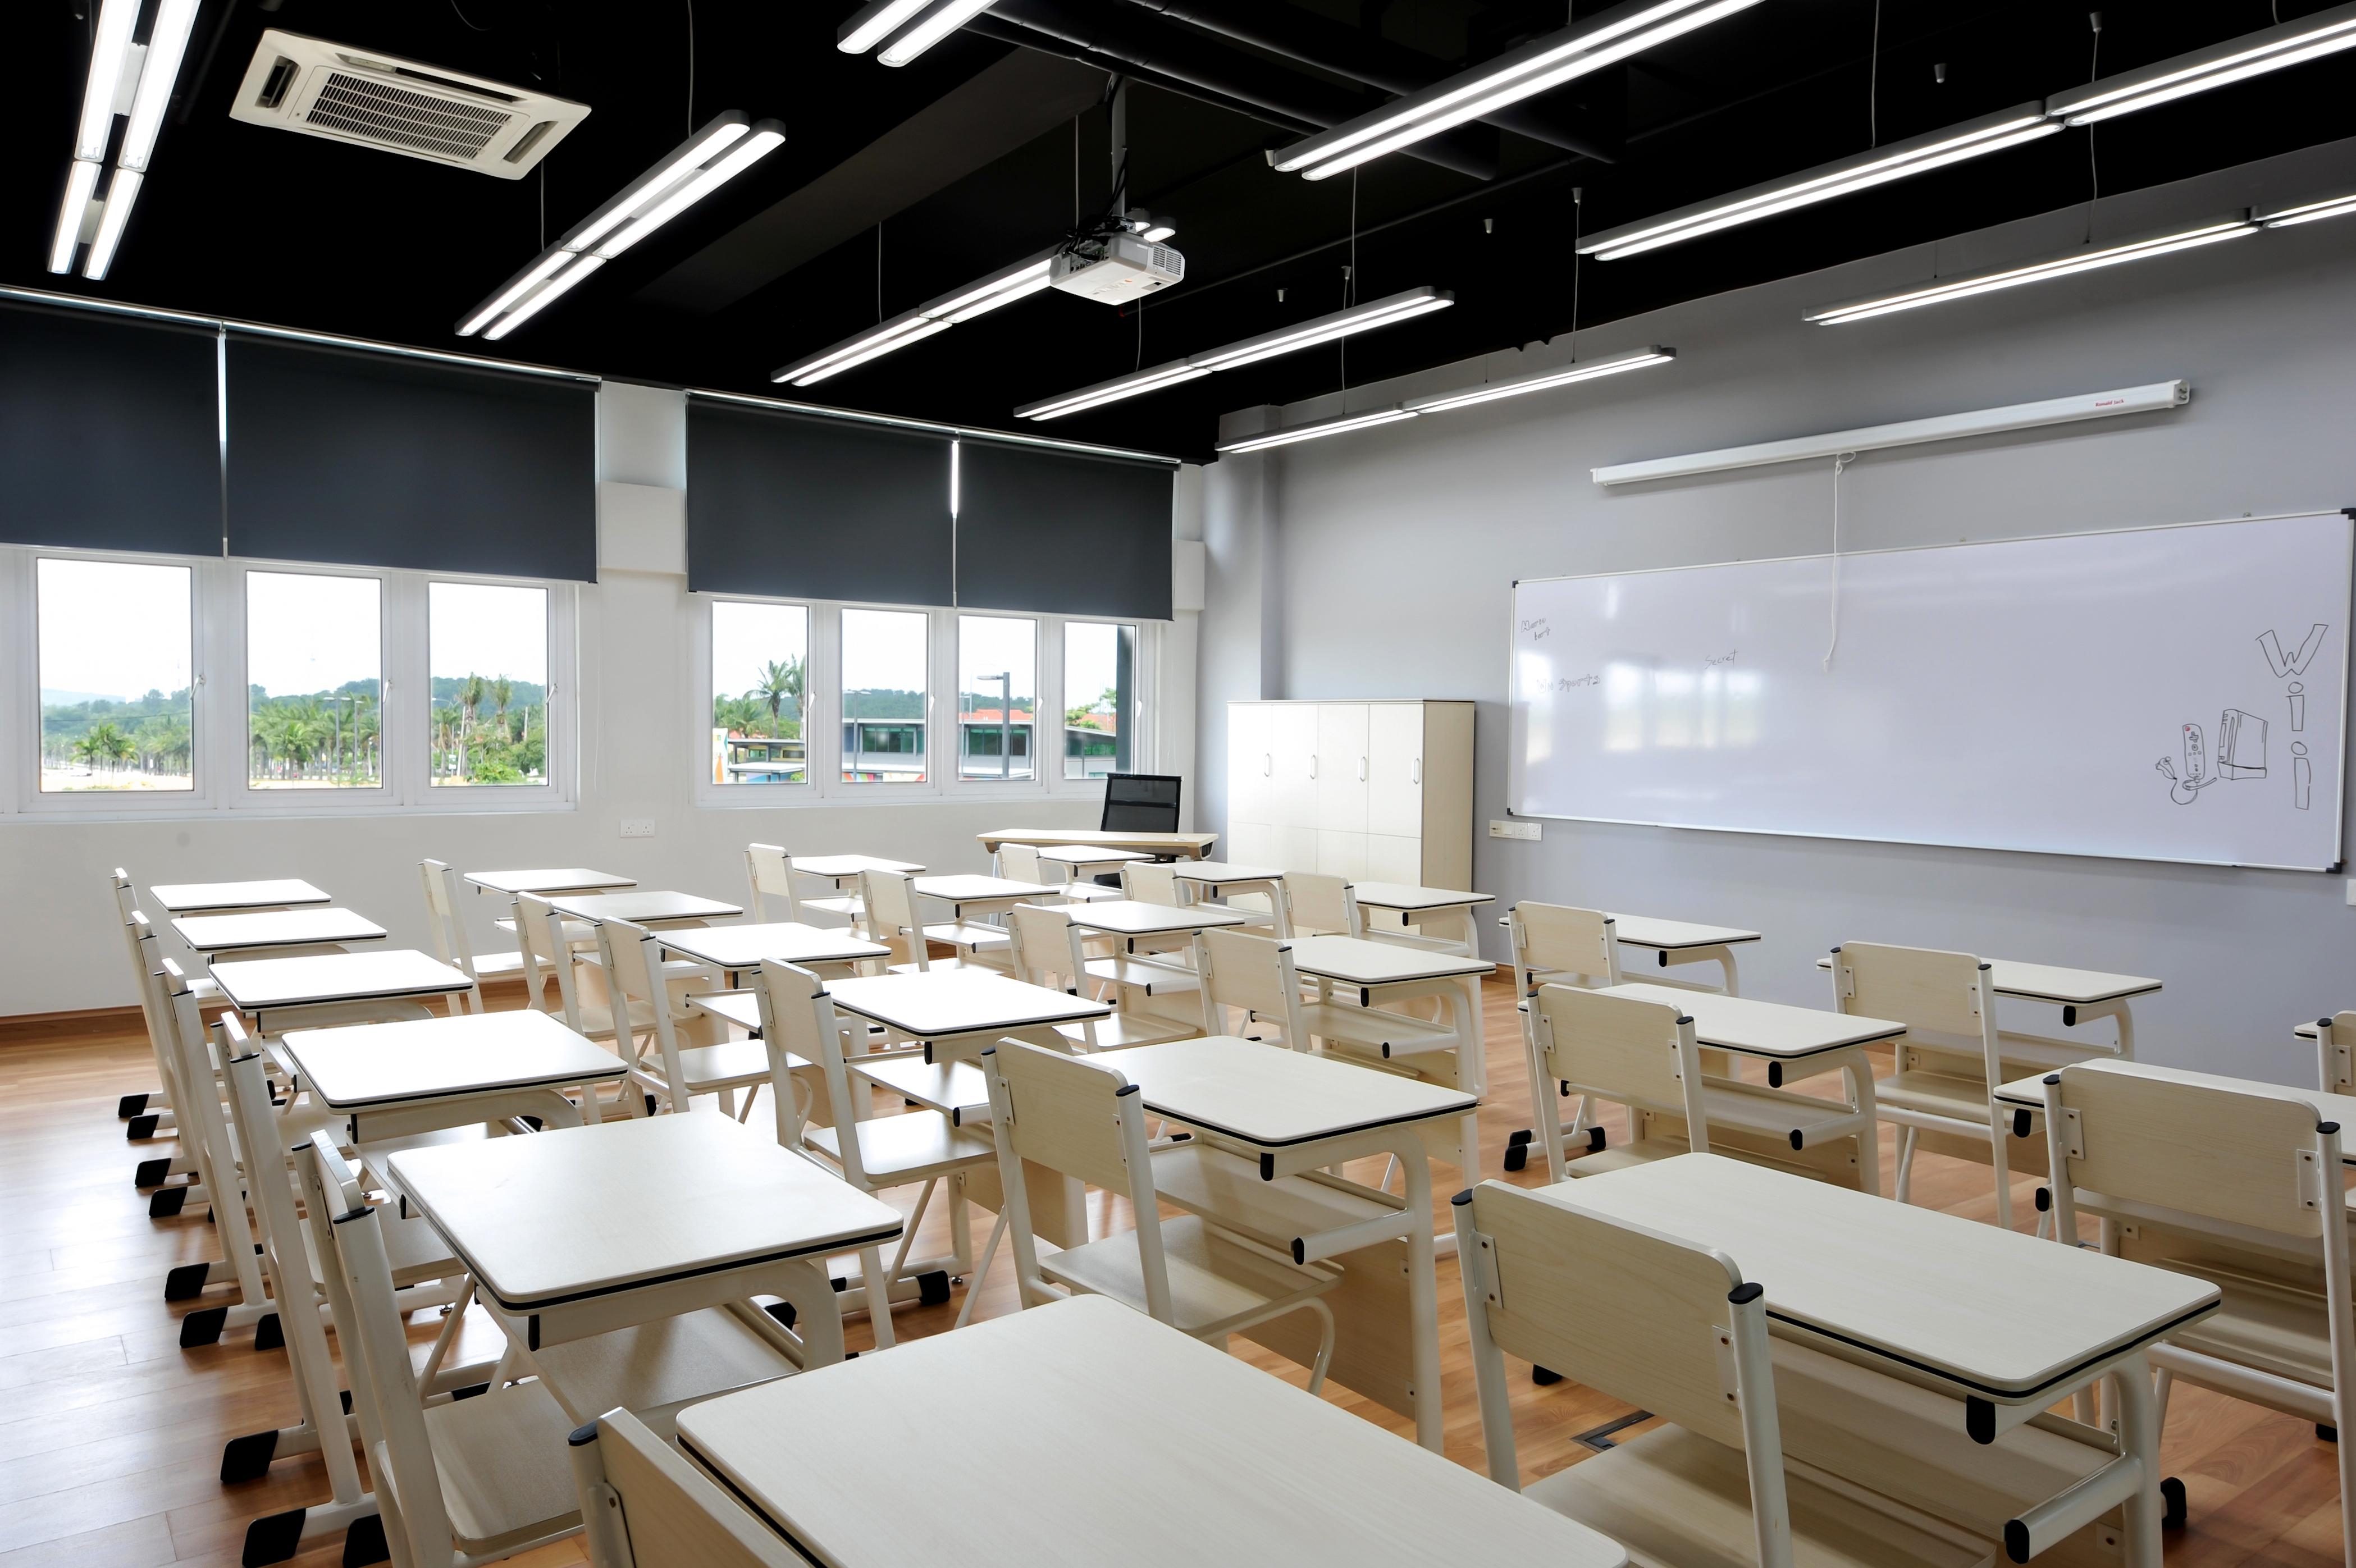 classroom - HD4196×2793